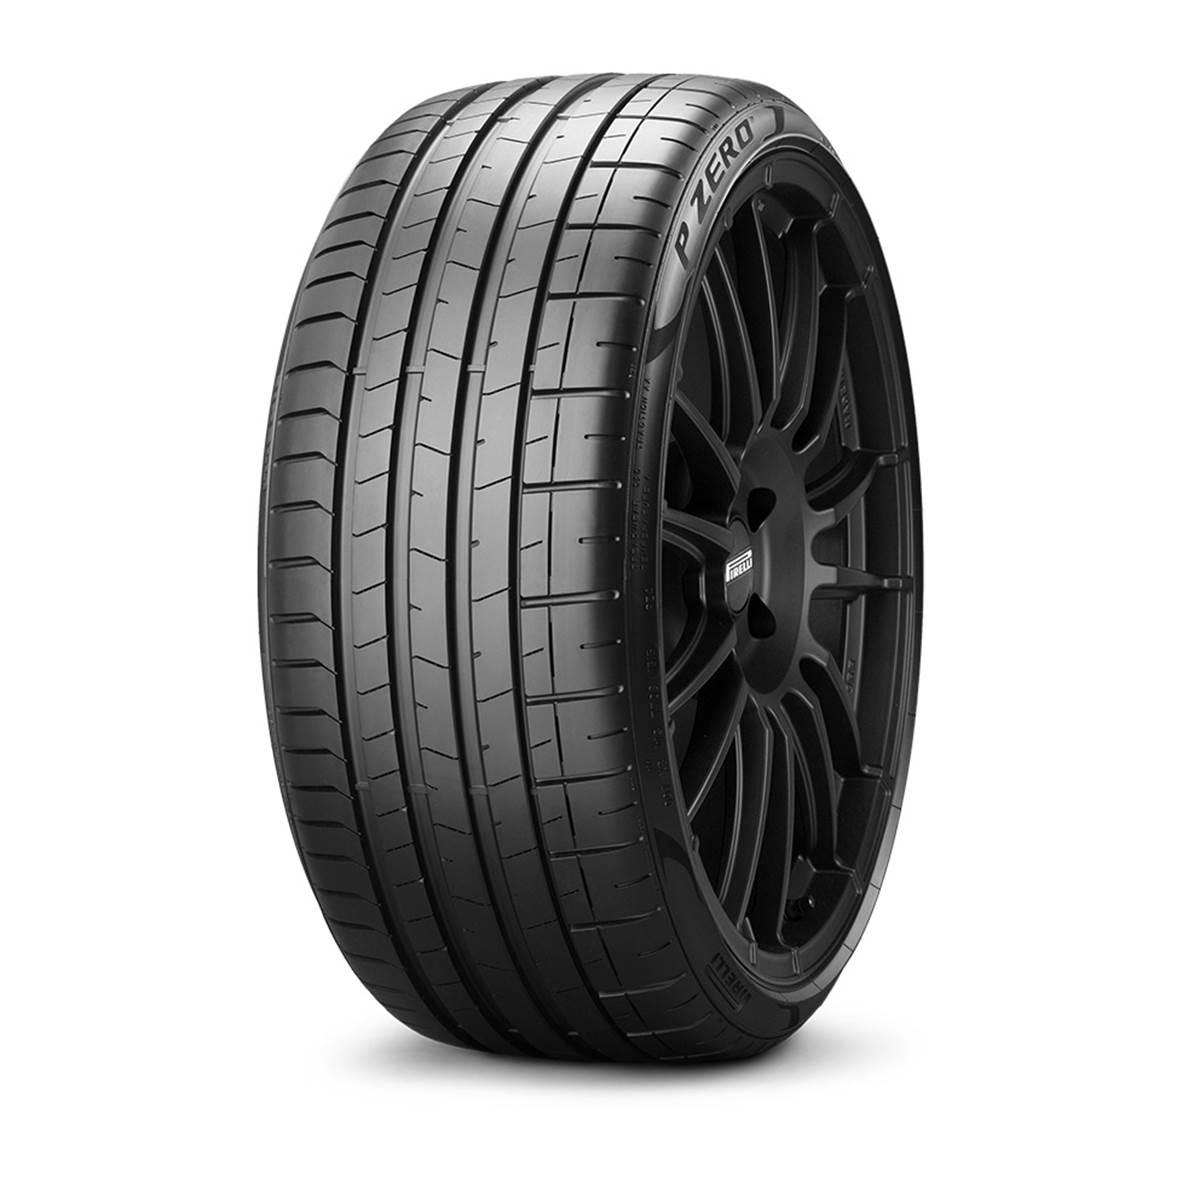 Pneu Pirelli 235/40R18 95Y Pzero XL